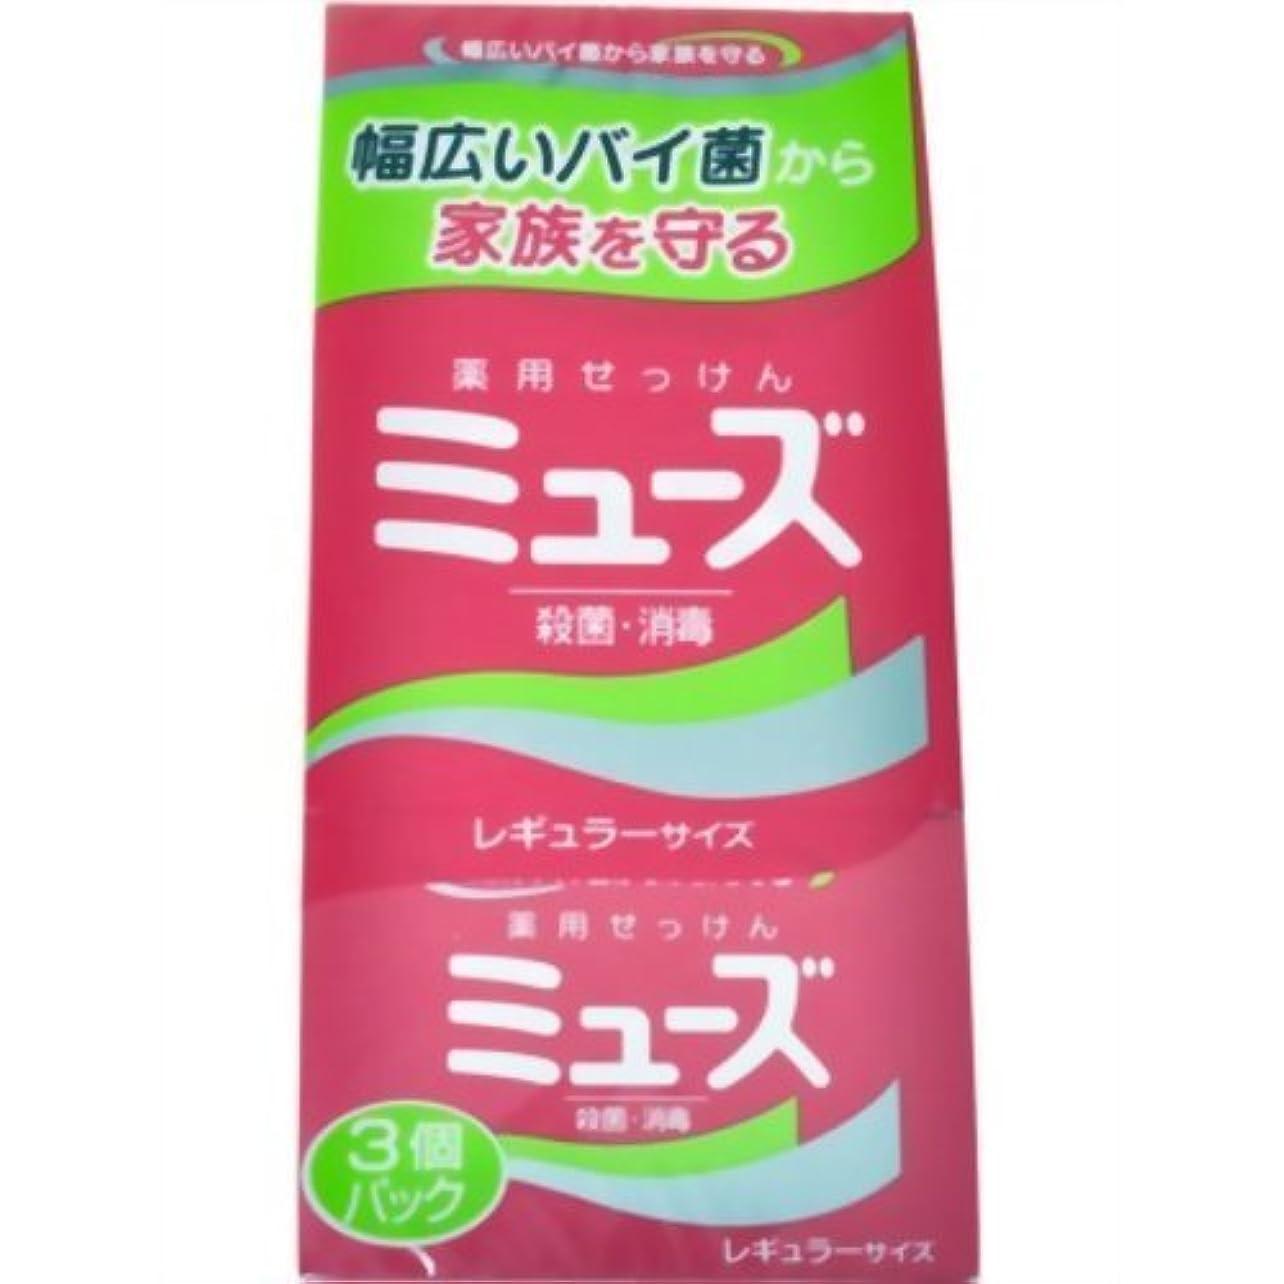 減衰才能のある断言するミューズ石鹸 レギュラー 3P ×10個セット